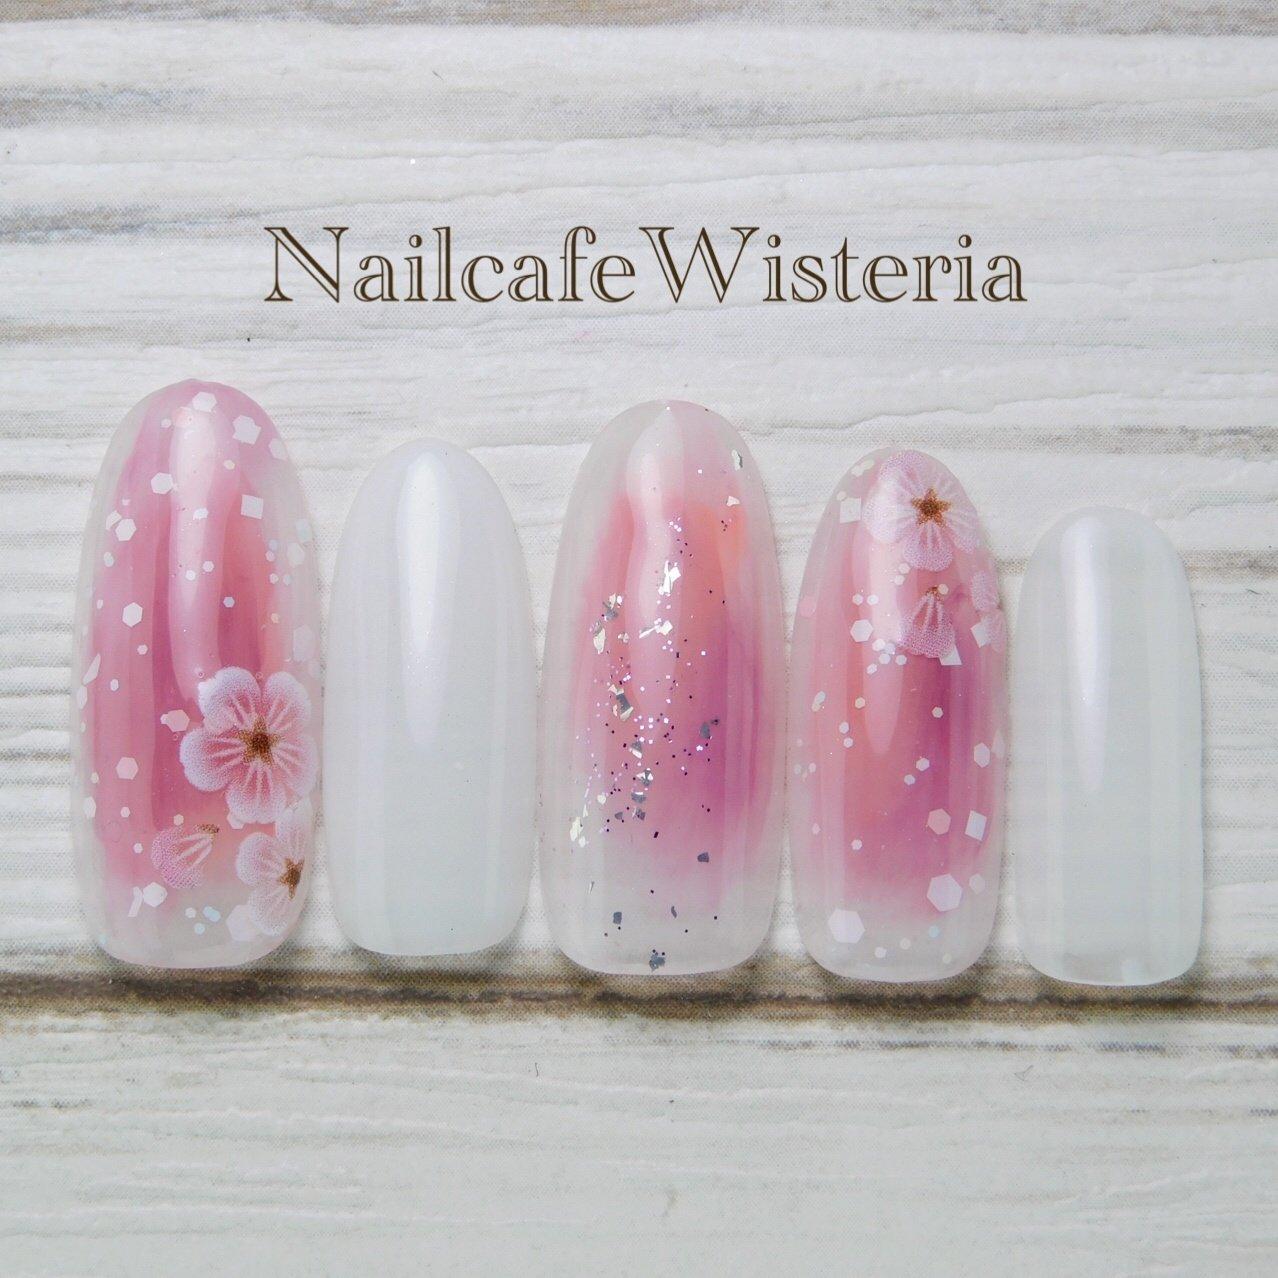 3月🌸定額デザイン❣️  ①  #桜 #ピンク #ホワイト #nailcafewisteria #ネイルブック